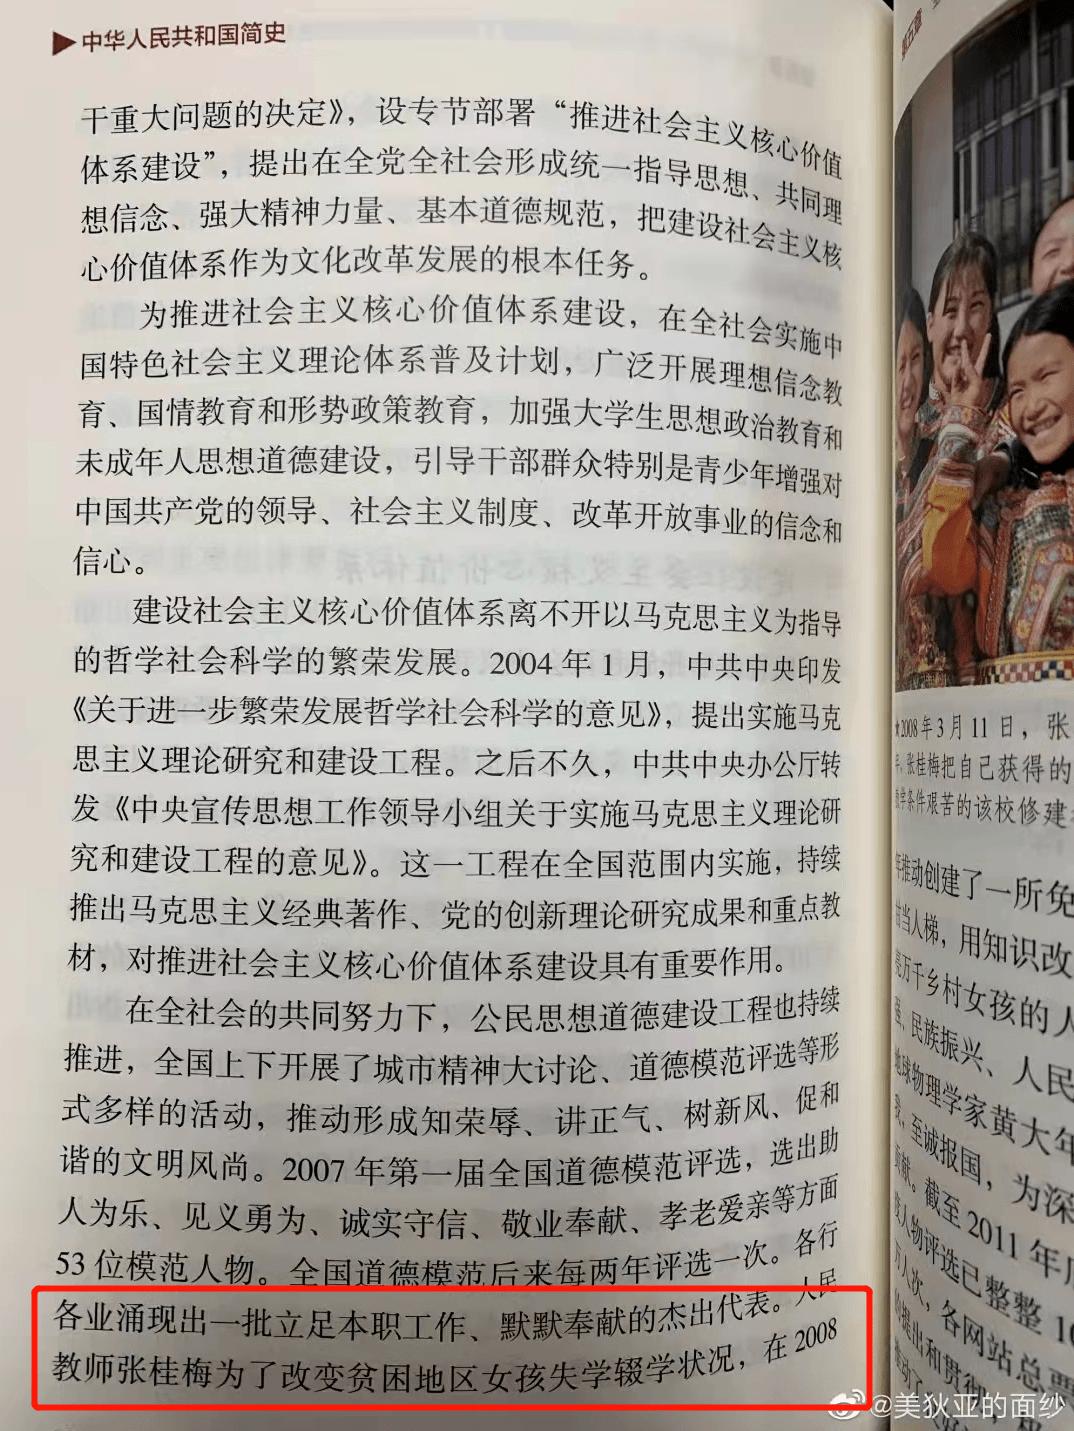 致敬!张桂梅被写进《中华人民共和国简史》!